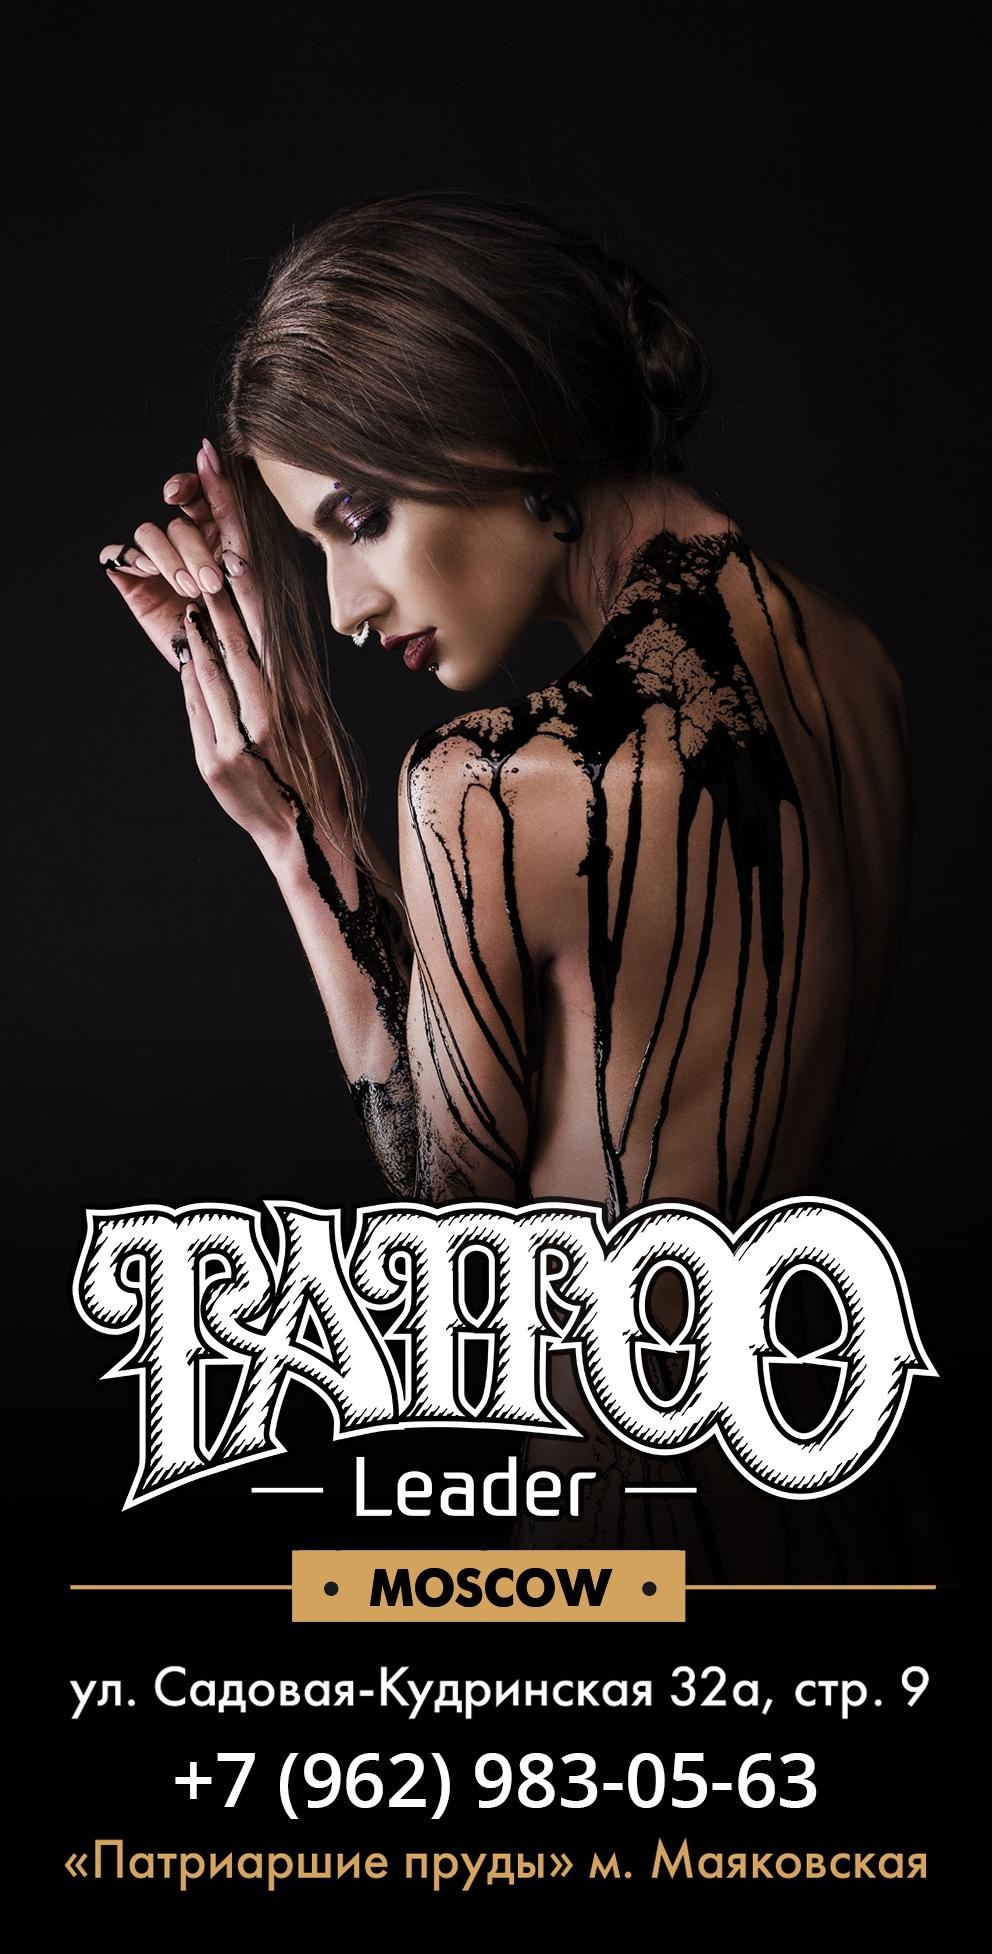 TATTOO-LEADER